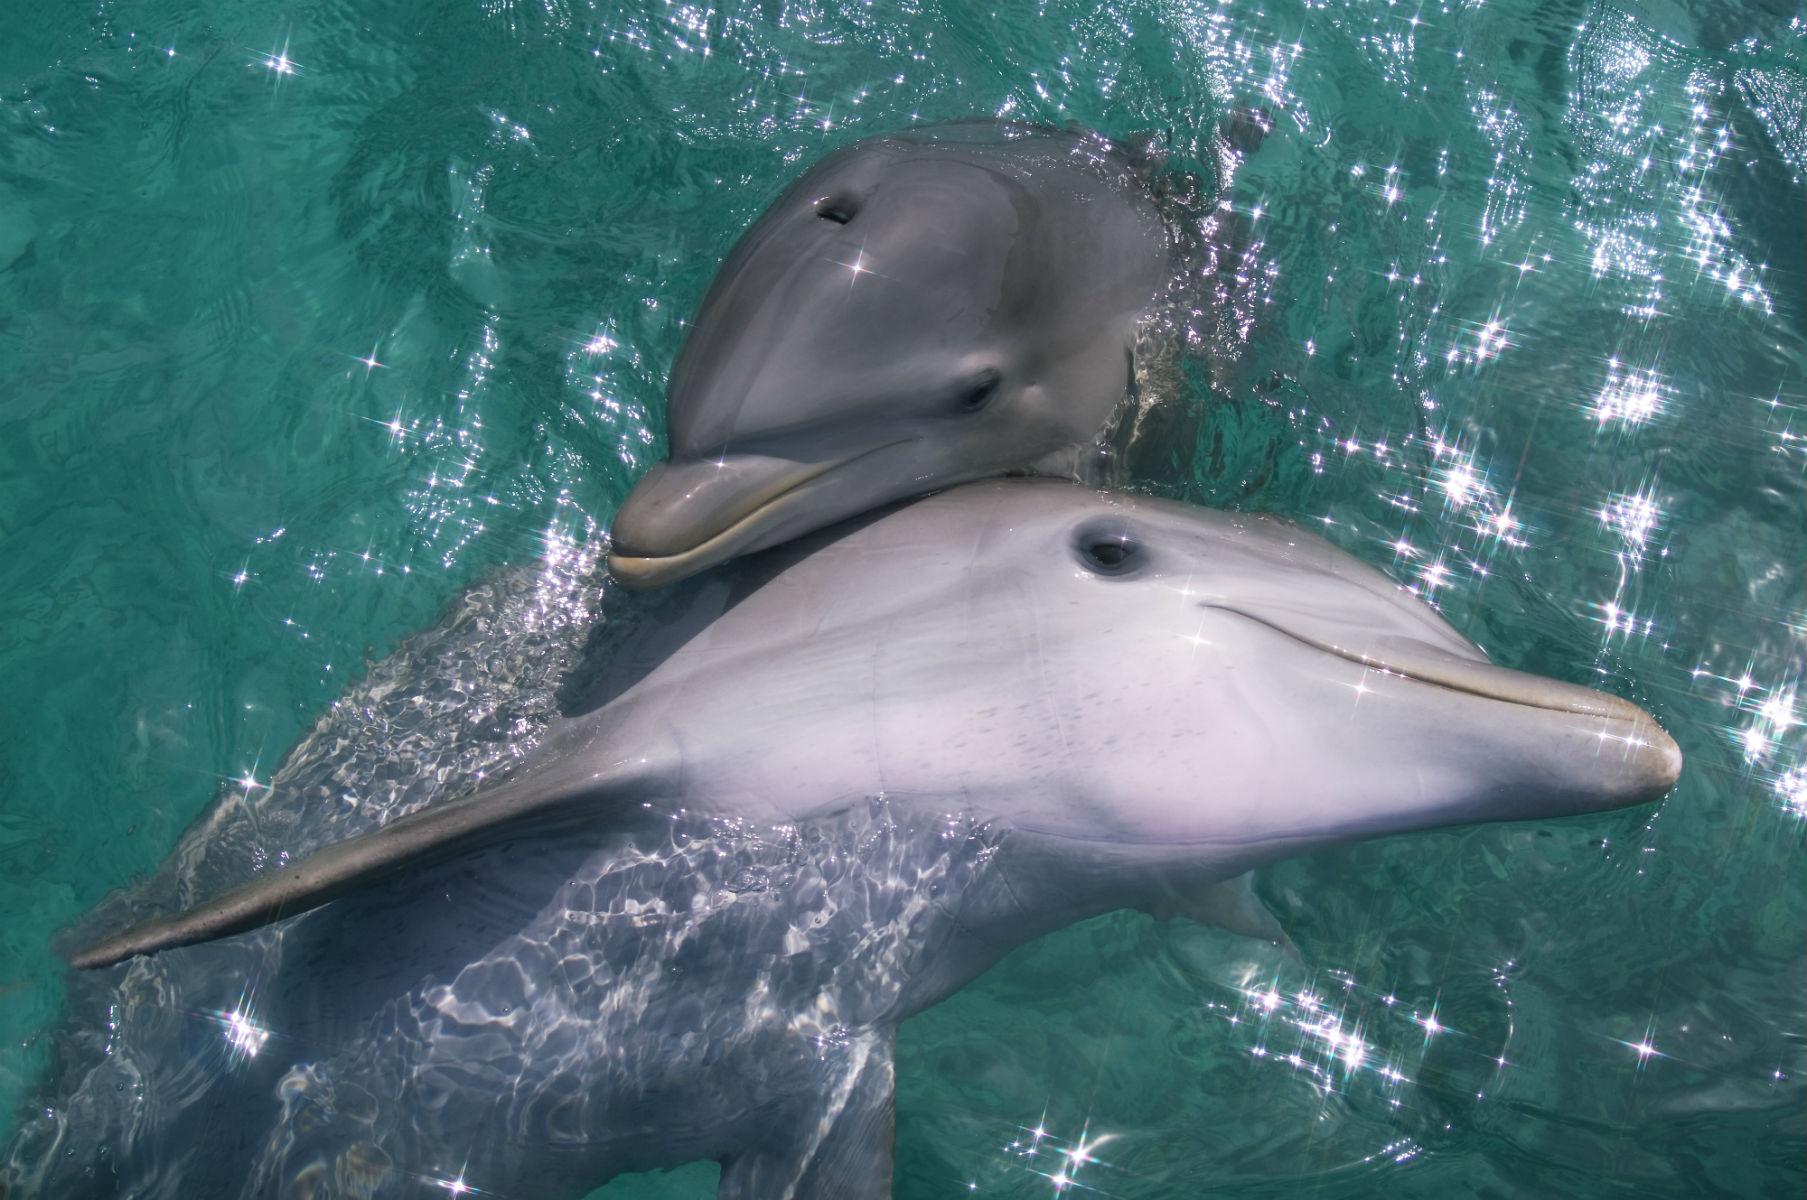 Delfiny iłabędzie wróciły doweneckich kanałów. Toefekt kwarantanny